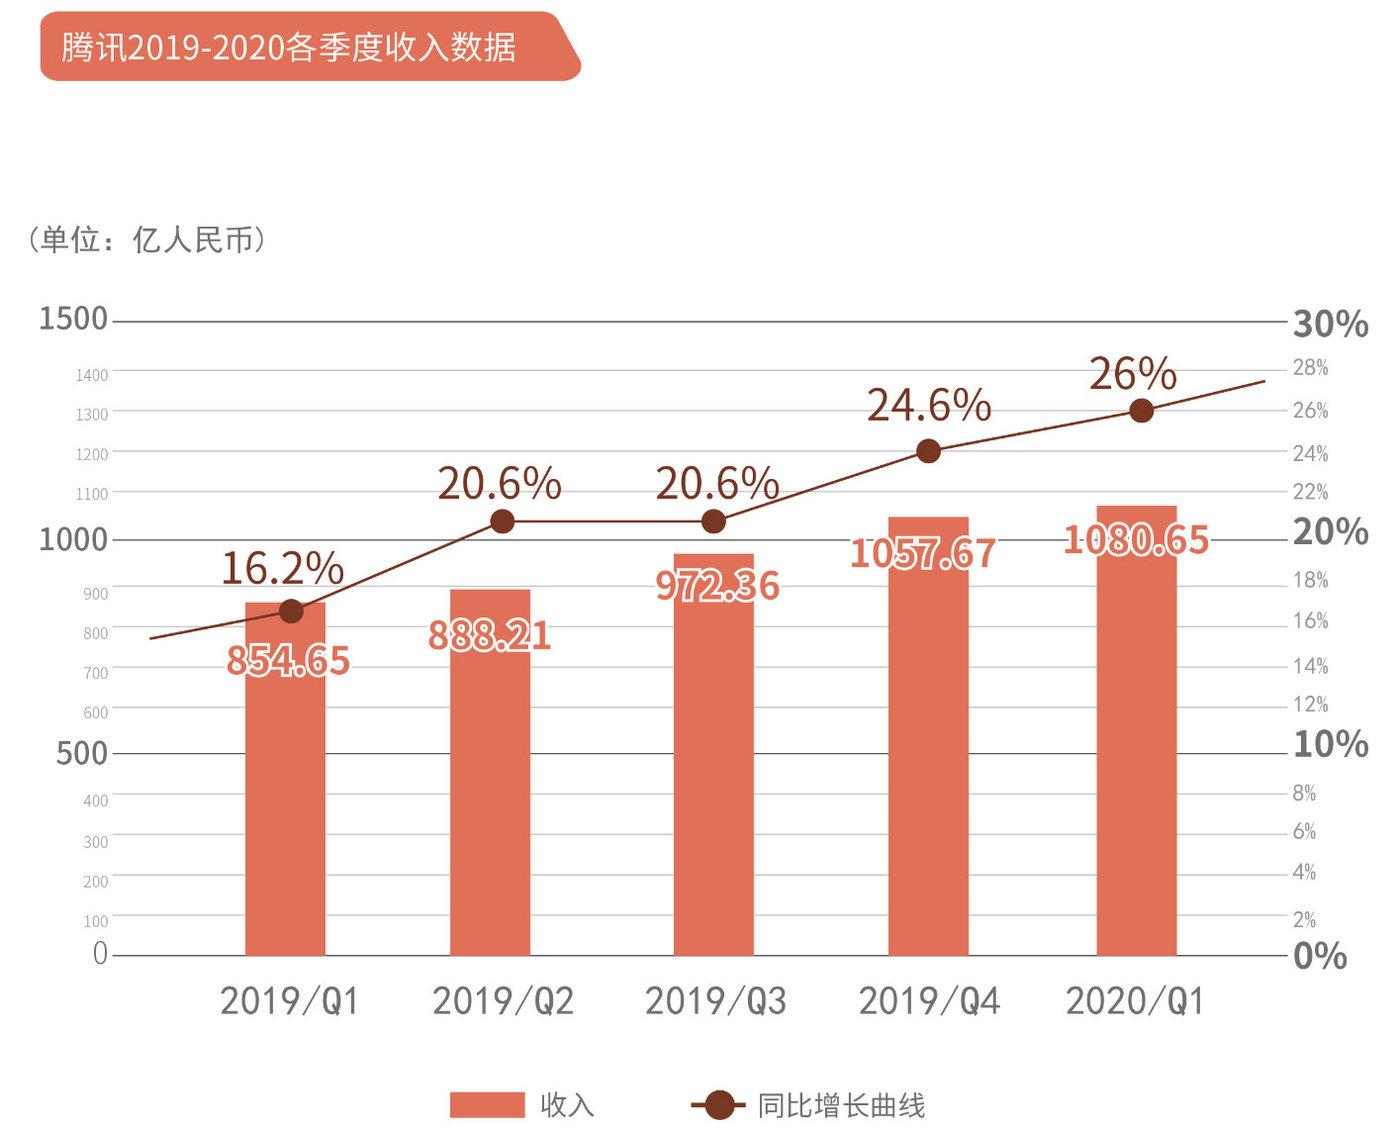 2019年各季度腾讯都保持了两位数的营收增速